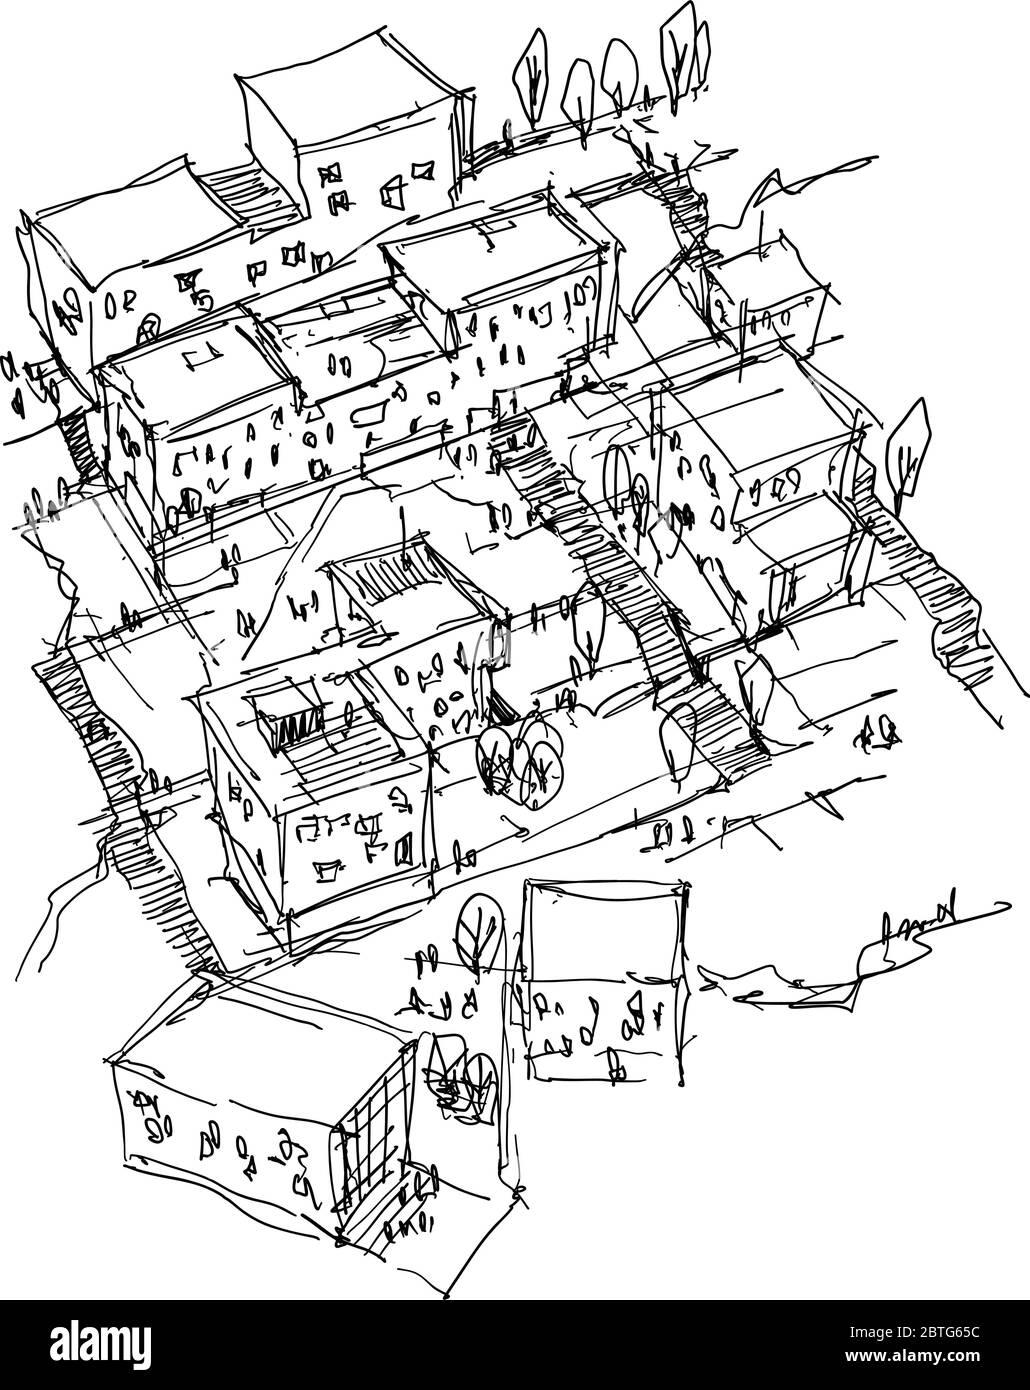 disegno architettonico disegnato a mano di un urbanismo moderno con buidlings e persone intorno Illustrazione Vettoriale